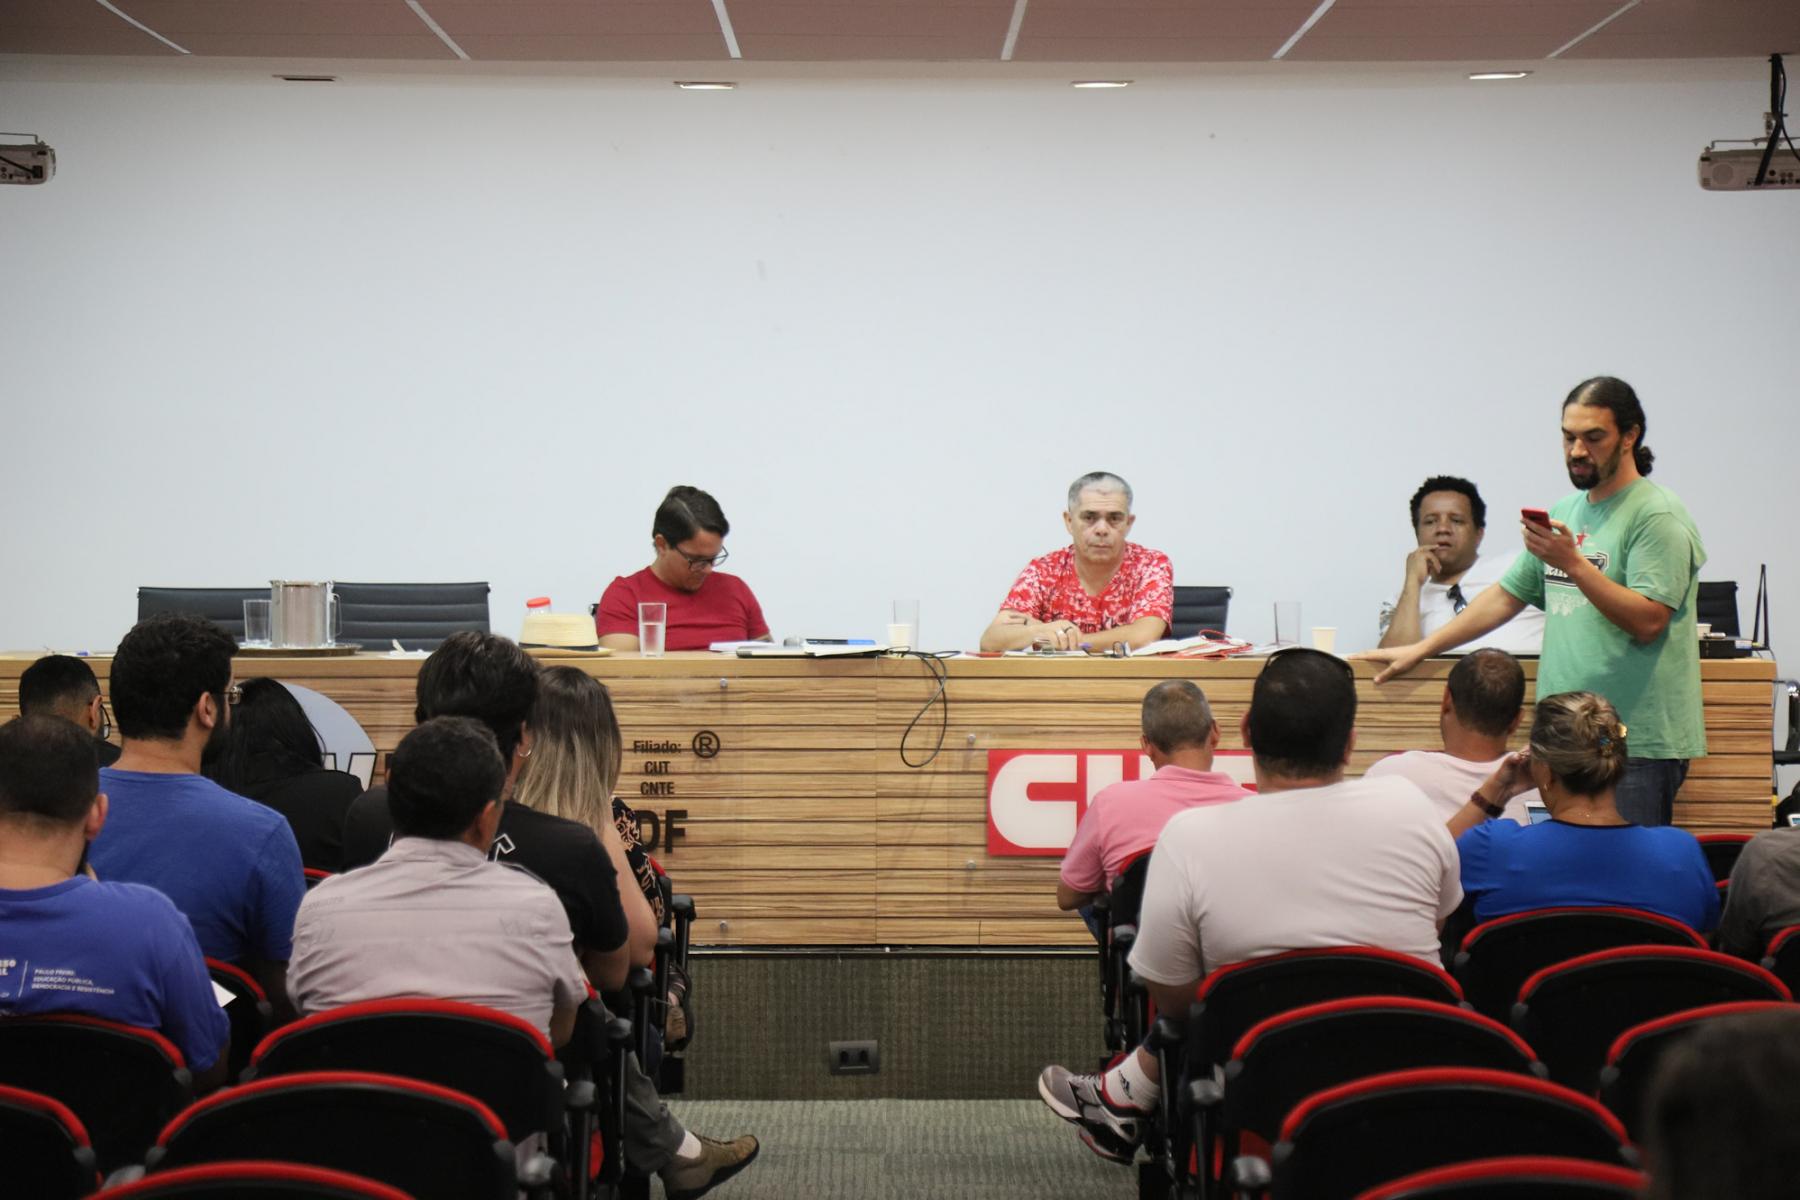 2019.01.17-Reuniao-sobre-Militarizacao-das-escolas-42